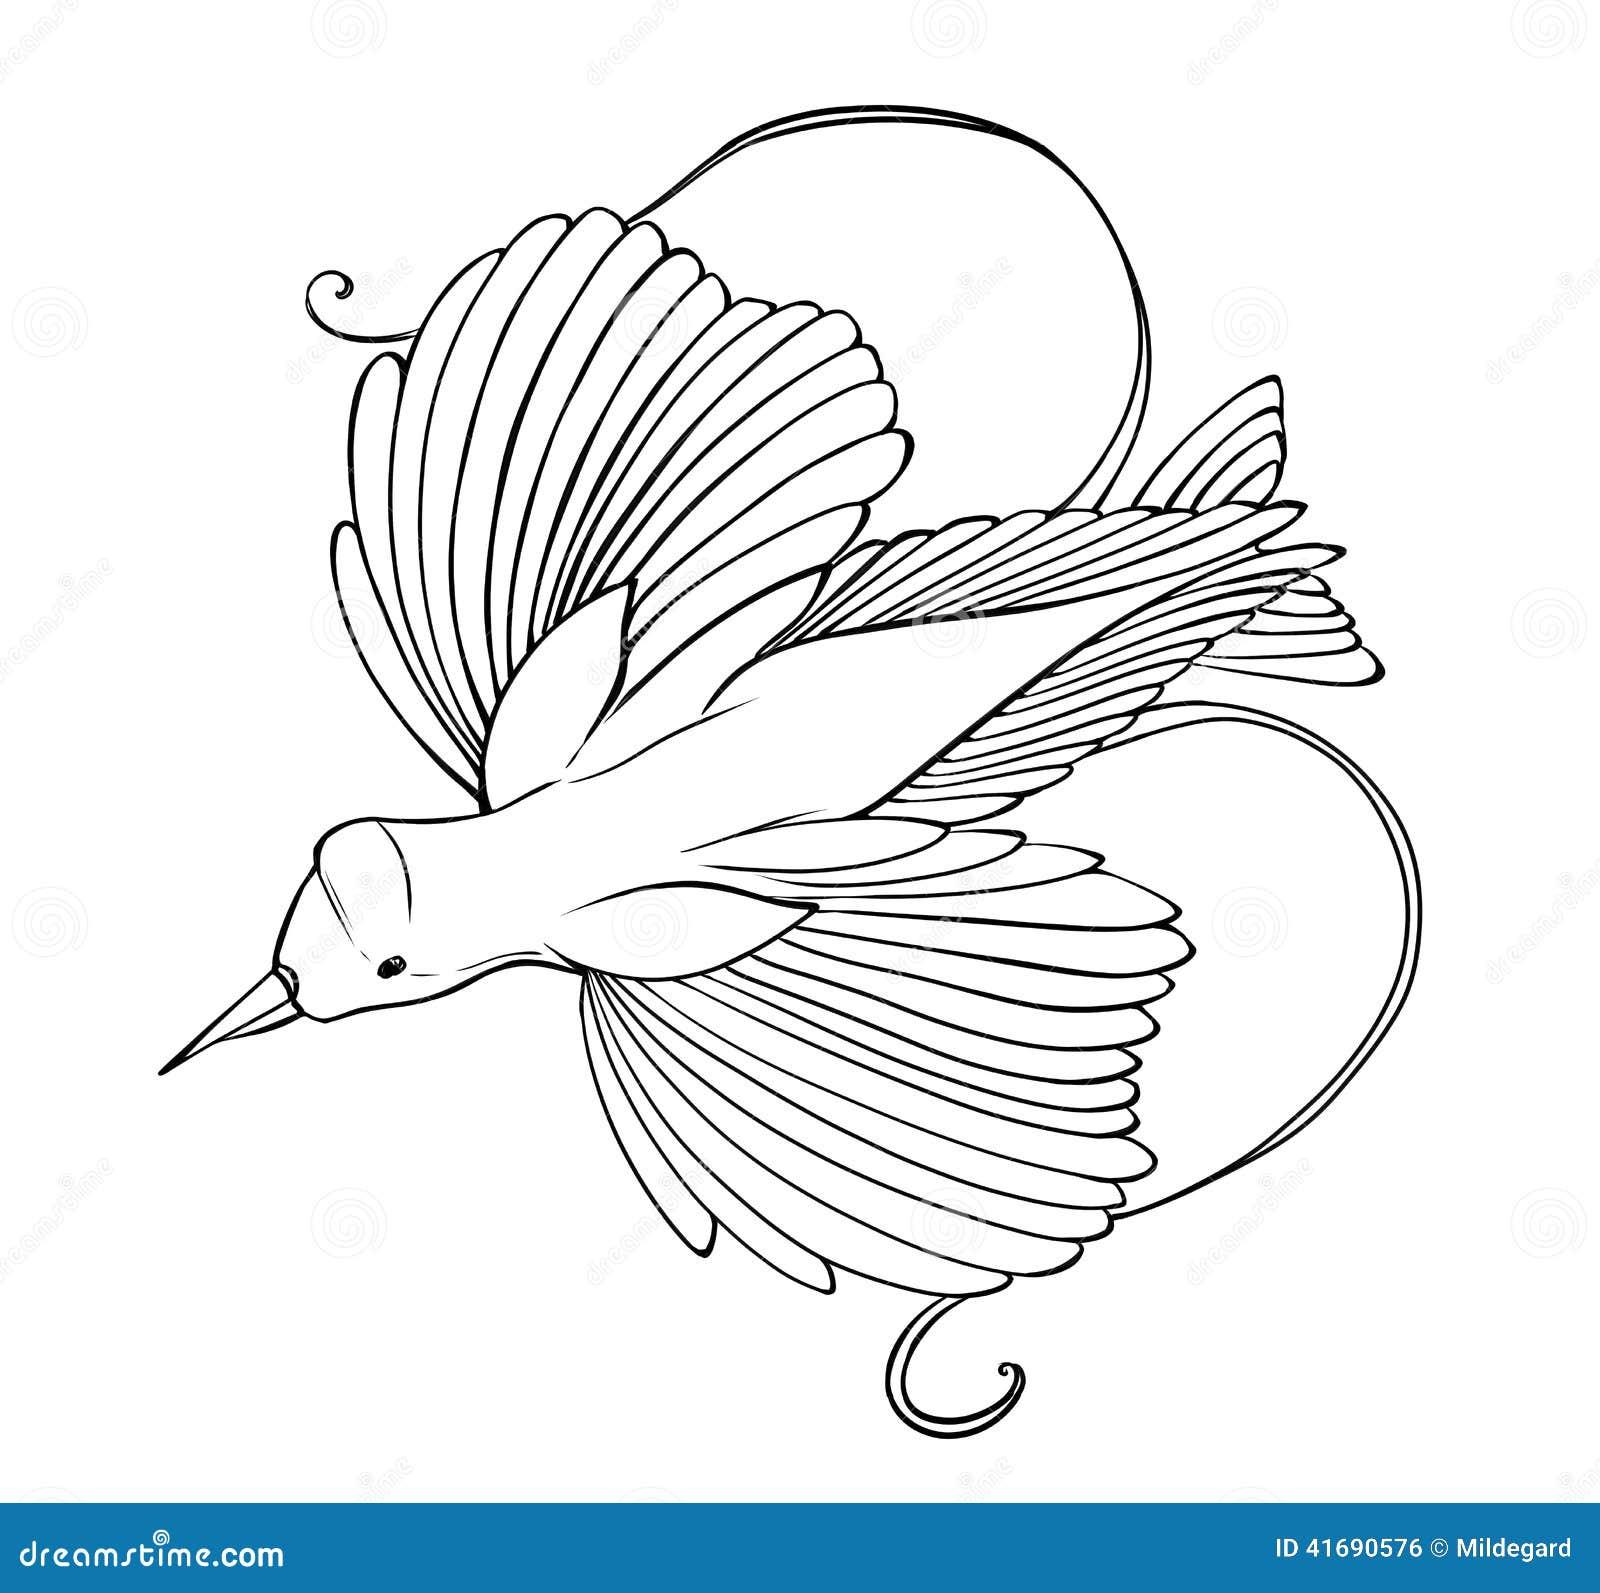 paradijsvogel kleurende pagina stock illustratie afbeelding